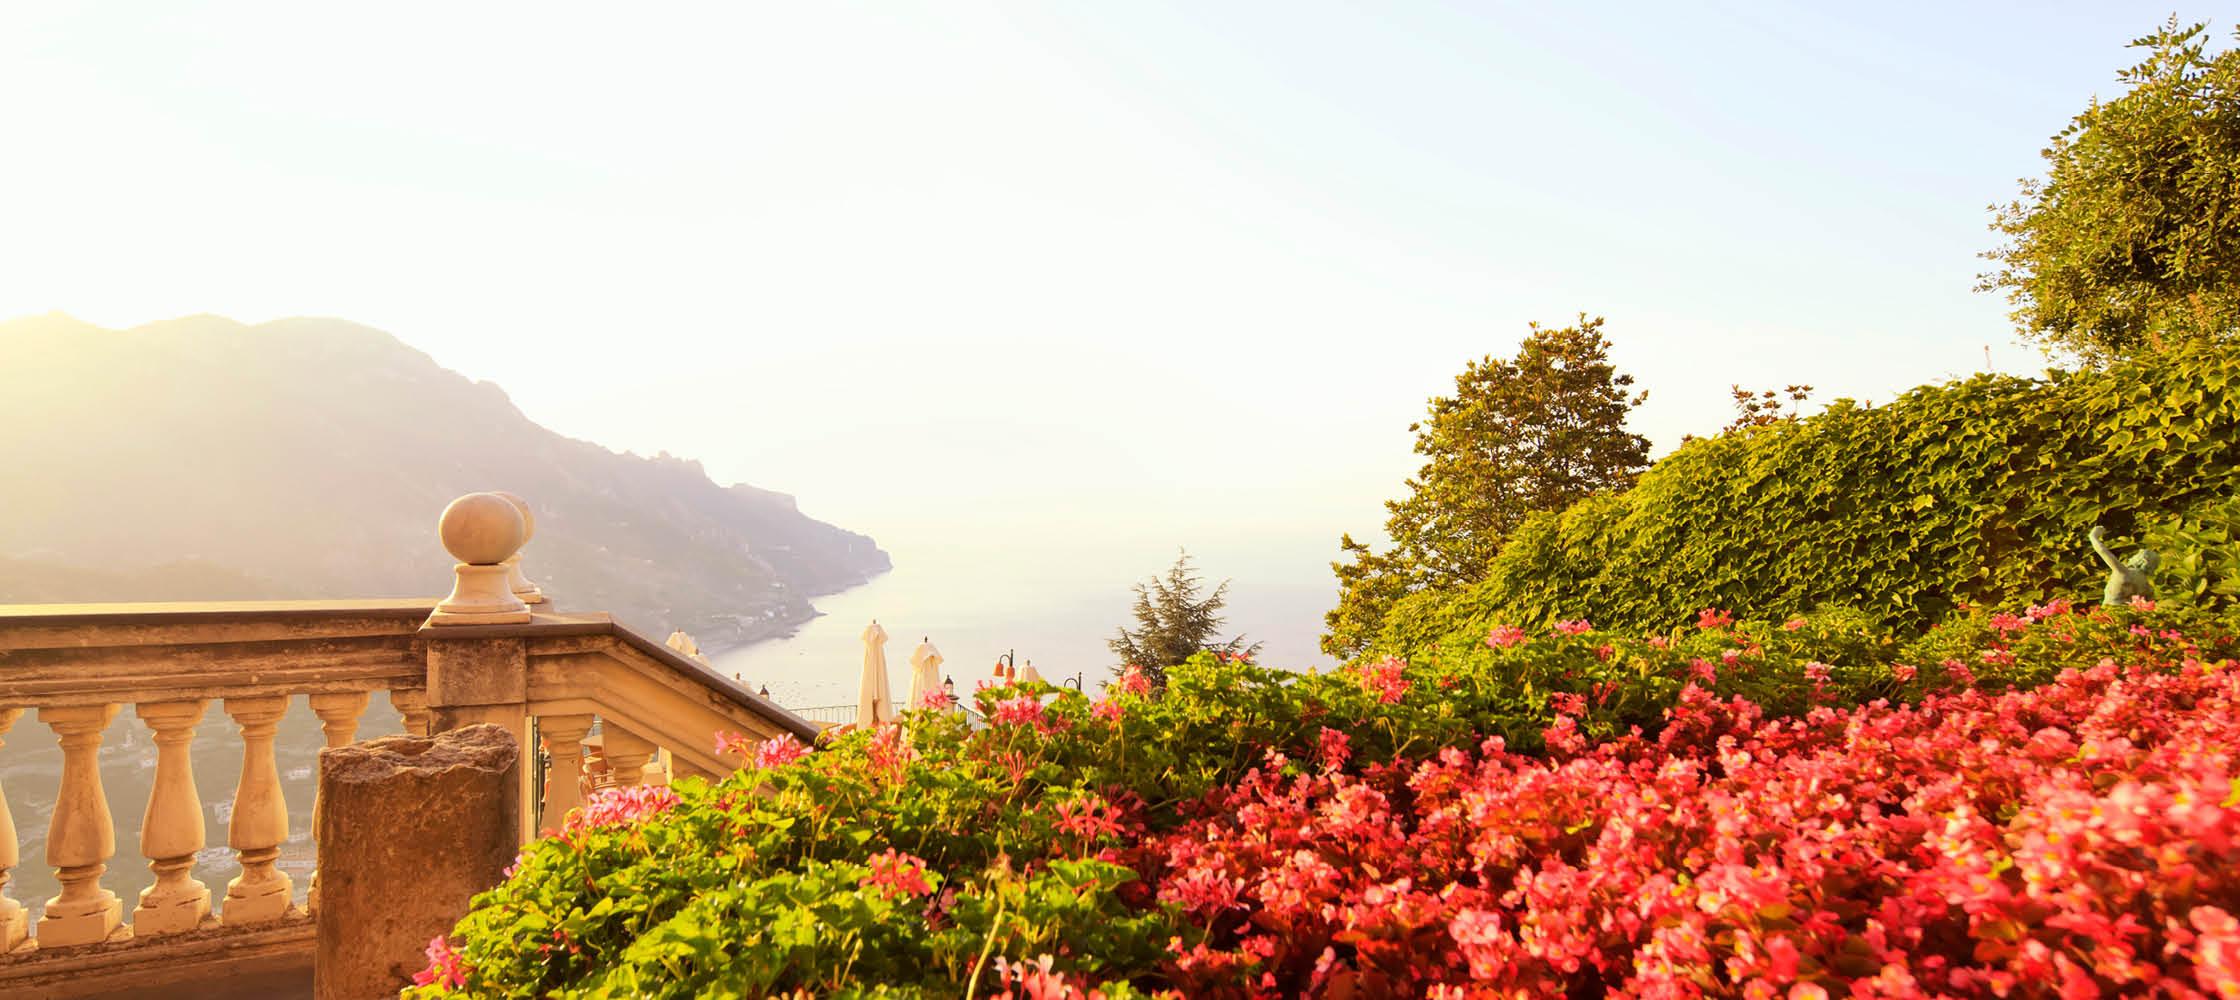 Italien, Amalfi